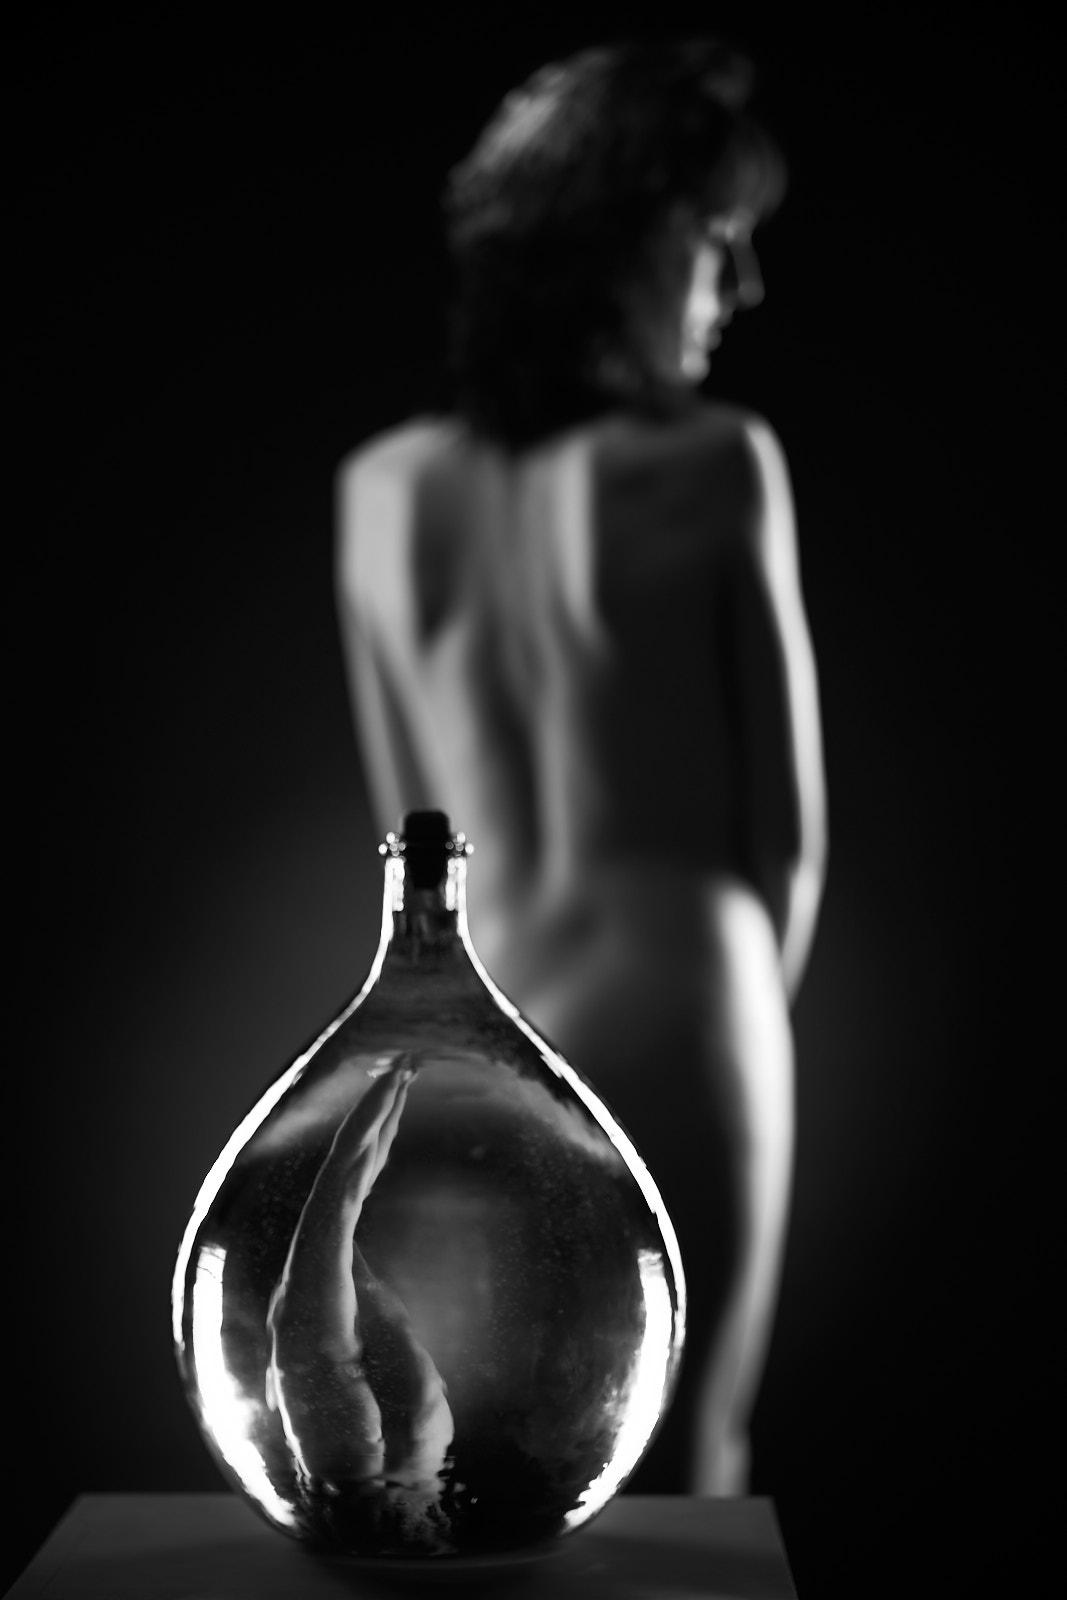 Une femme nue de dos à travers une bouteille, nu académique, artistique